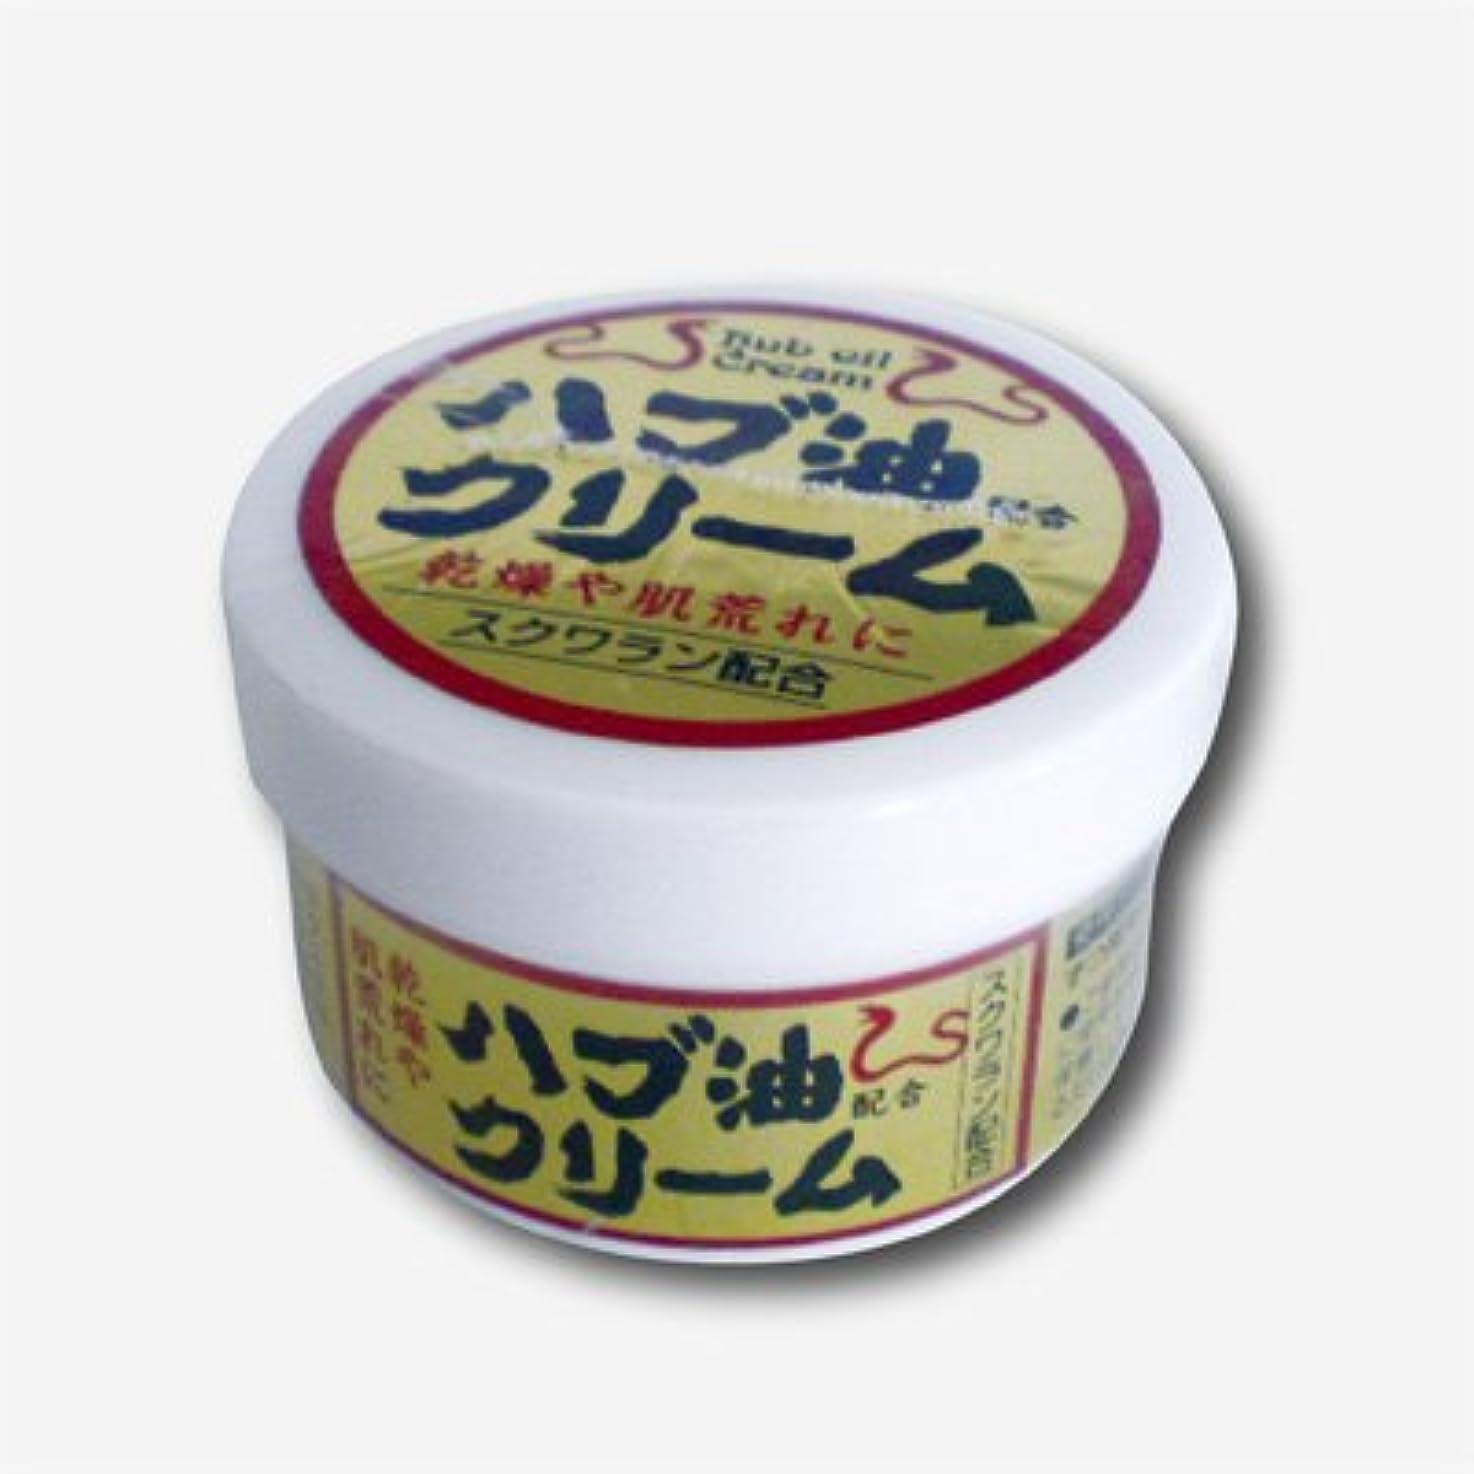 勘違いする急性ペレットハブ油配合クリーム 5個【1個?50g】